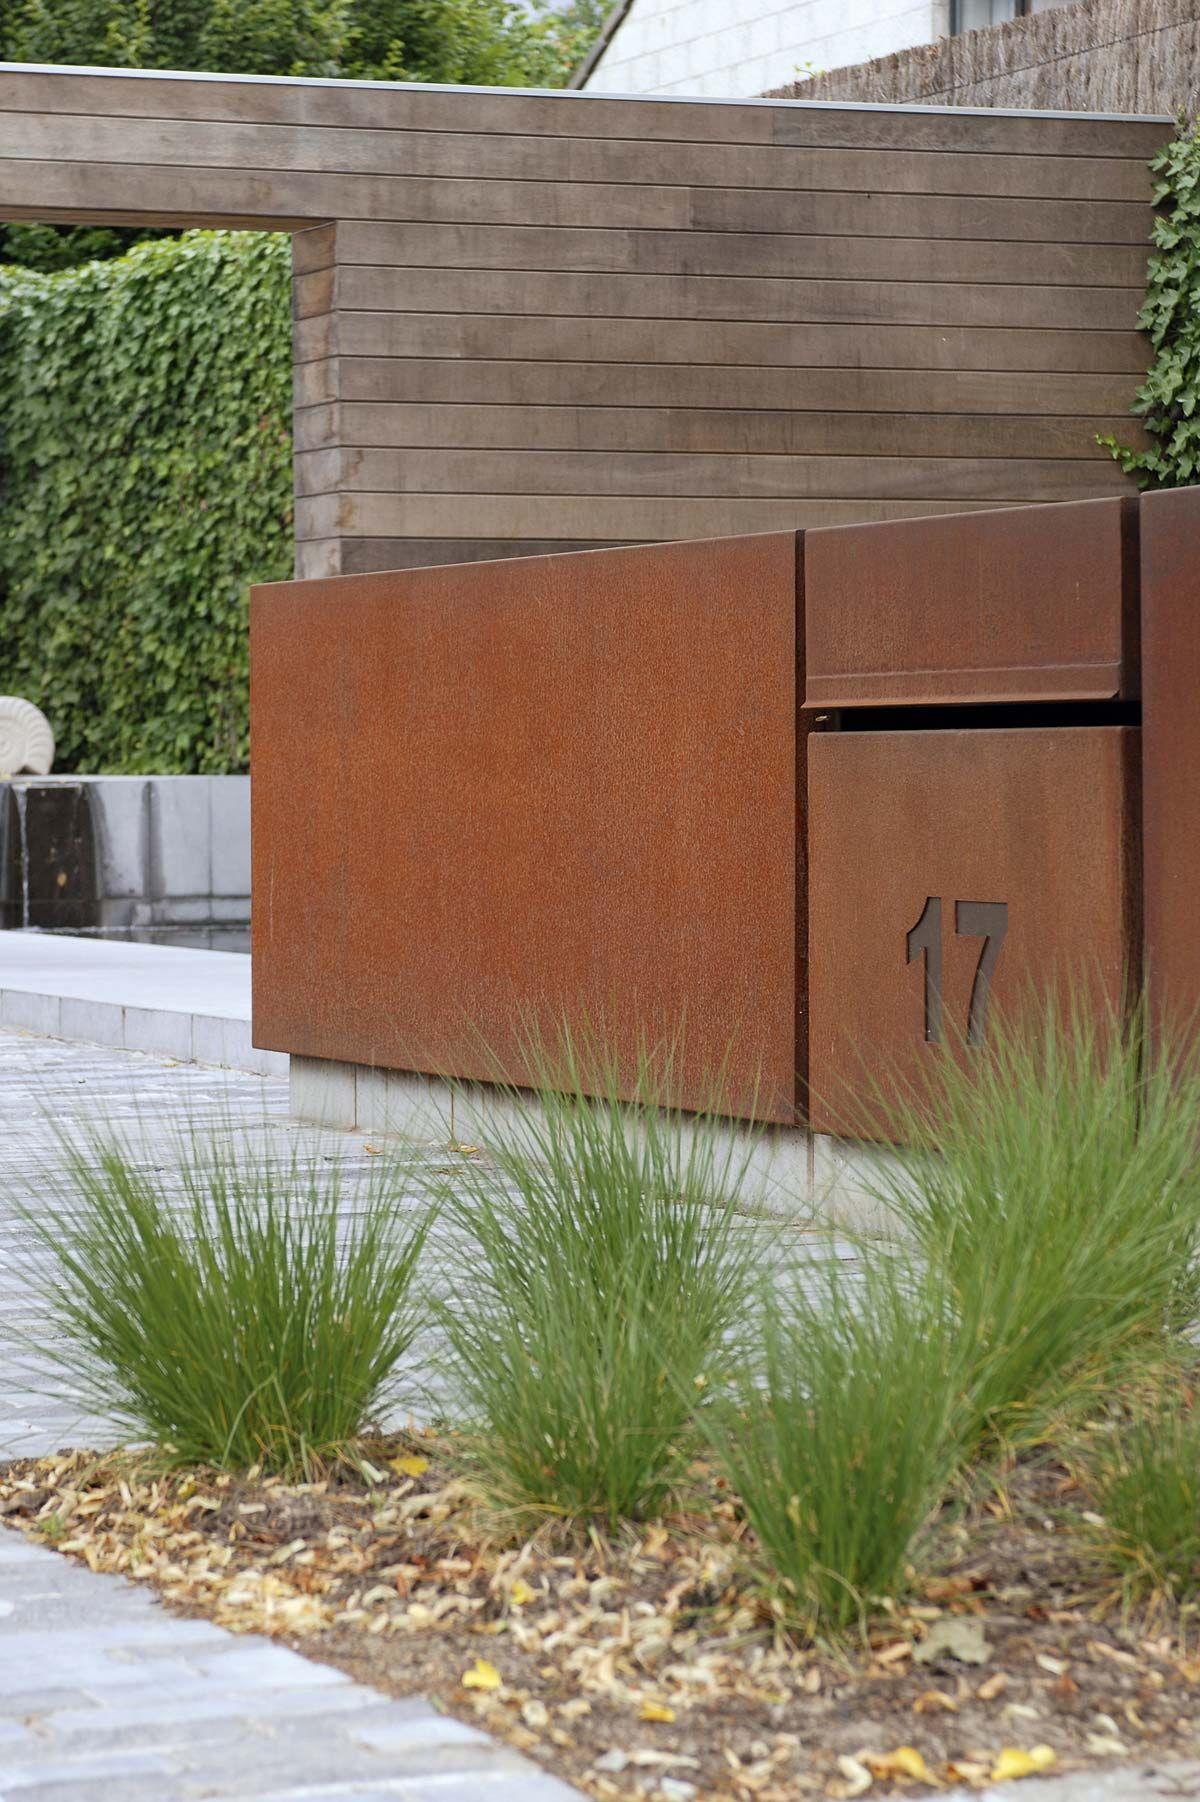 Filip van damme landscapeexterior wall pinterest corten steel